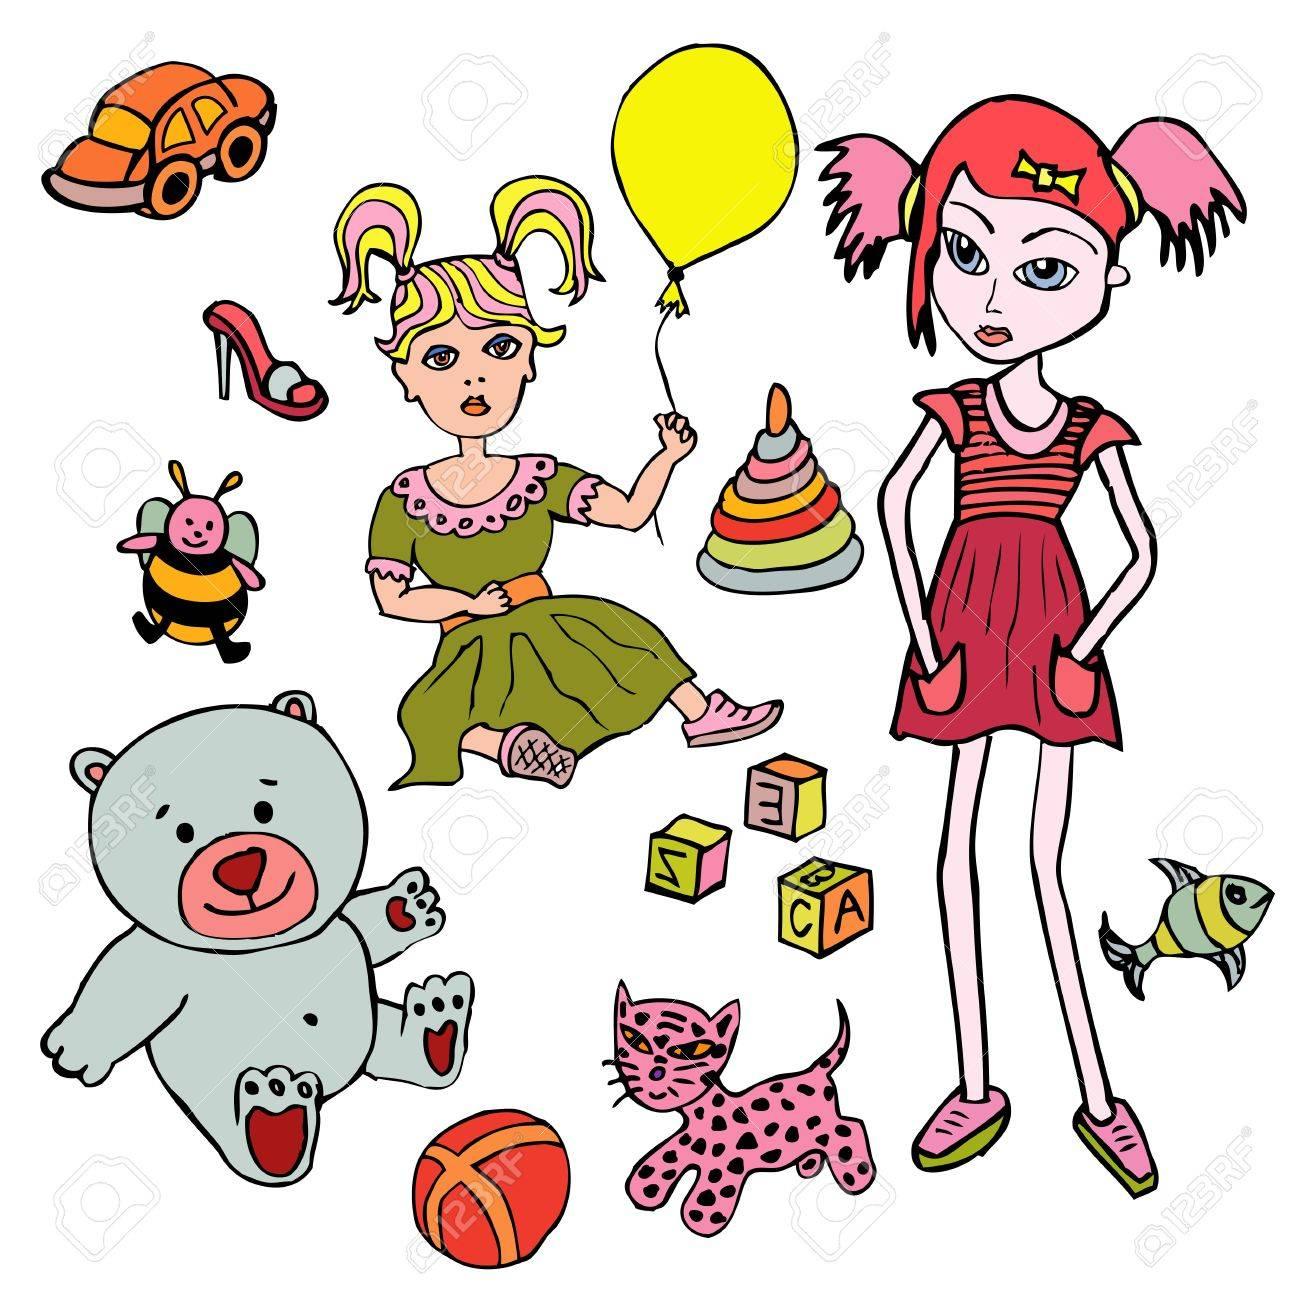 Katze Spielzeug, Spielzeug, Mädchen, Bär Lizenzfrei Nutzbare